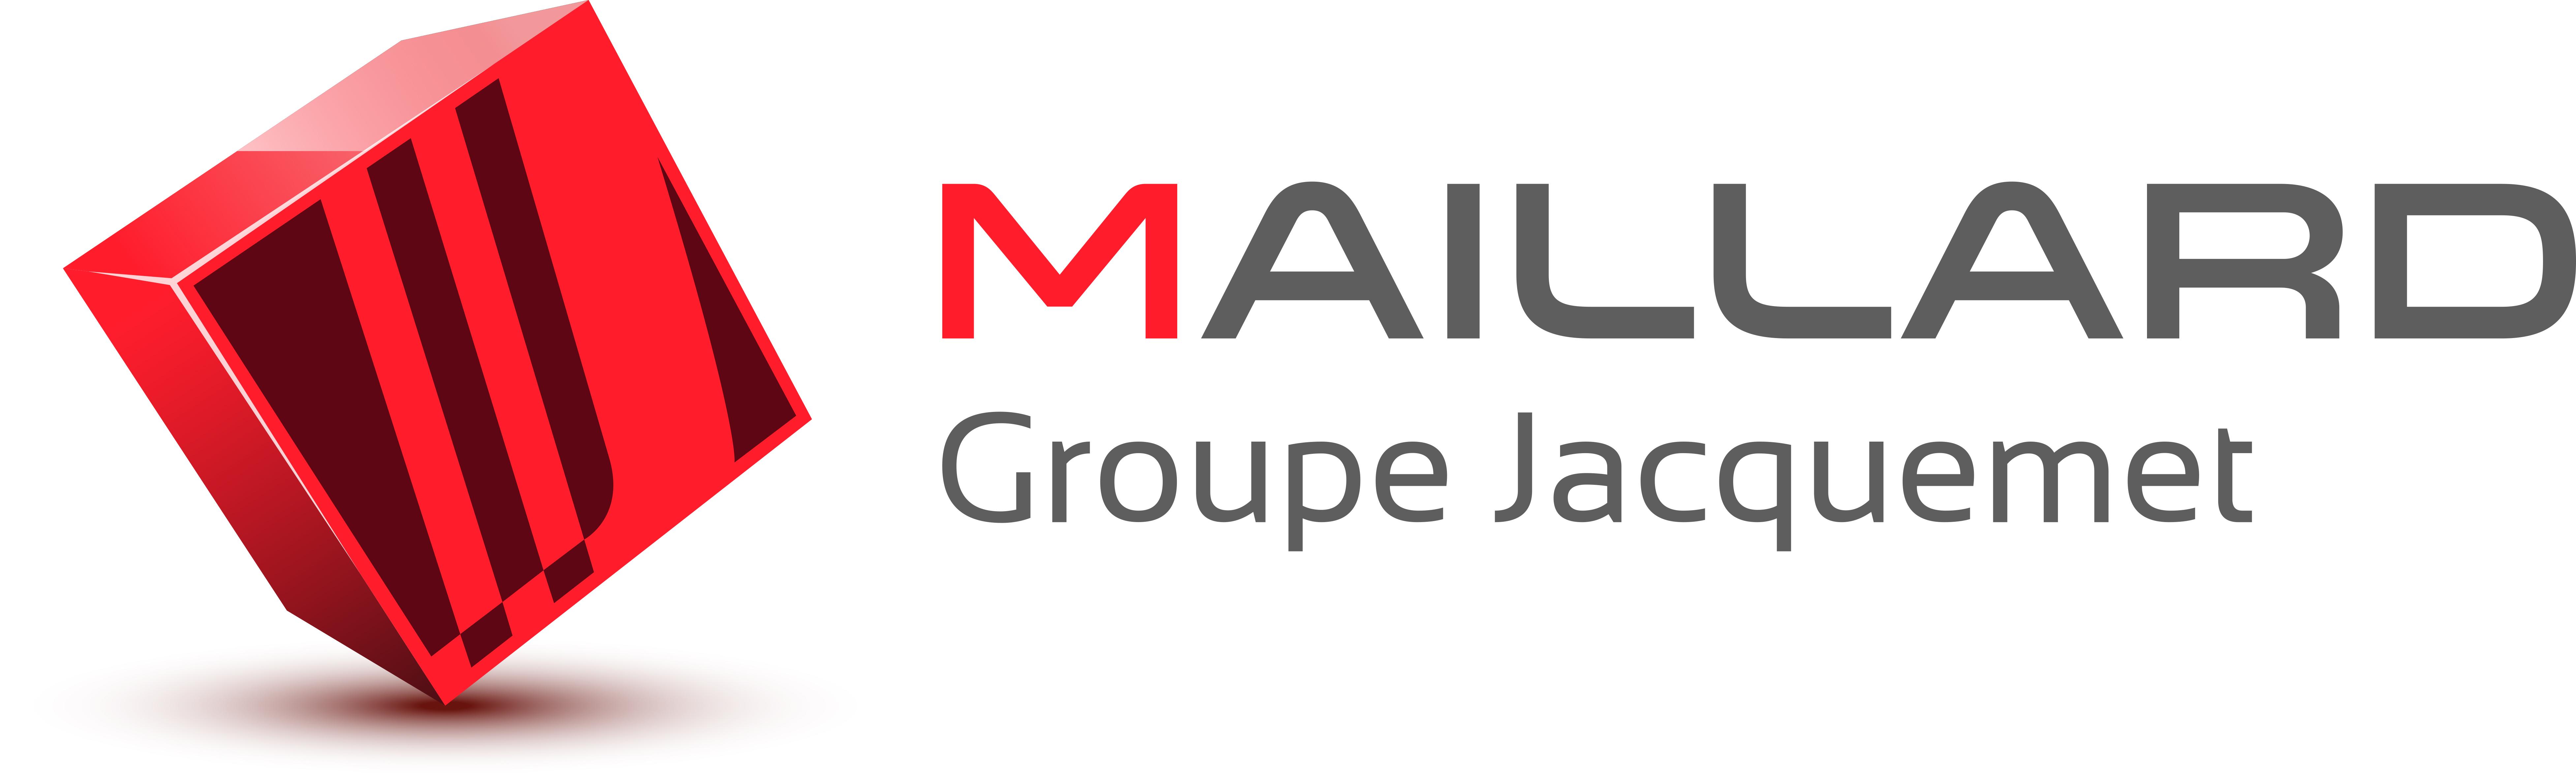 1589870254-ressorts-maillard-blanchet-stand-jacquemet-groupe-.jpg